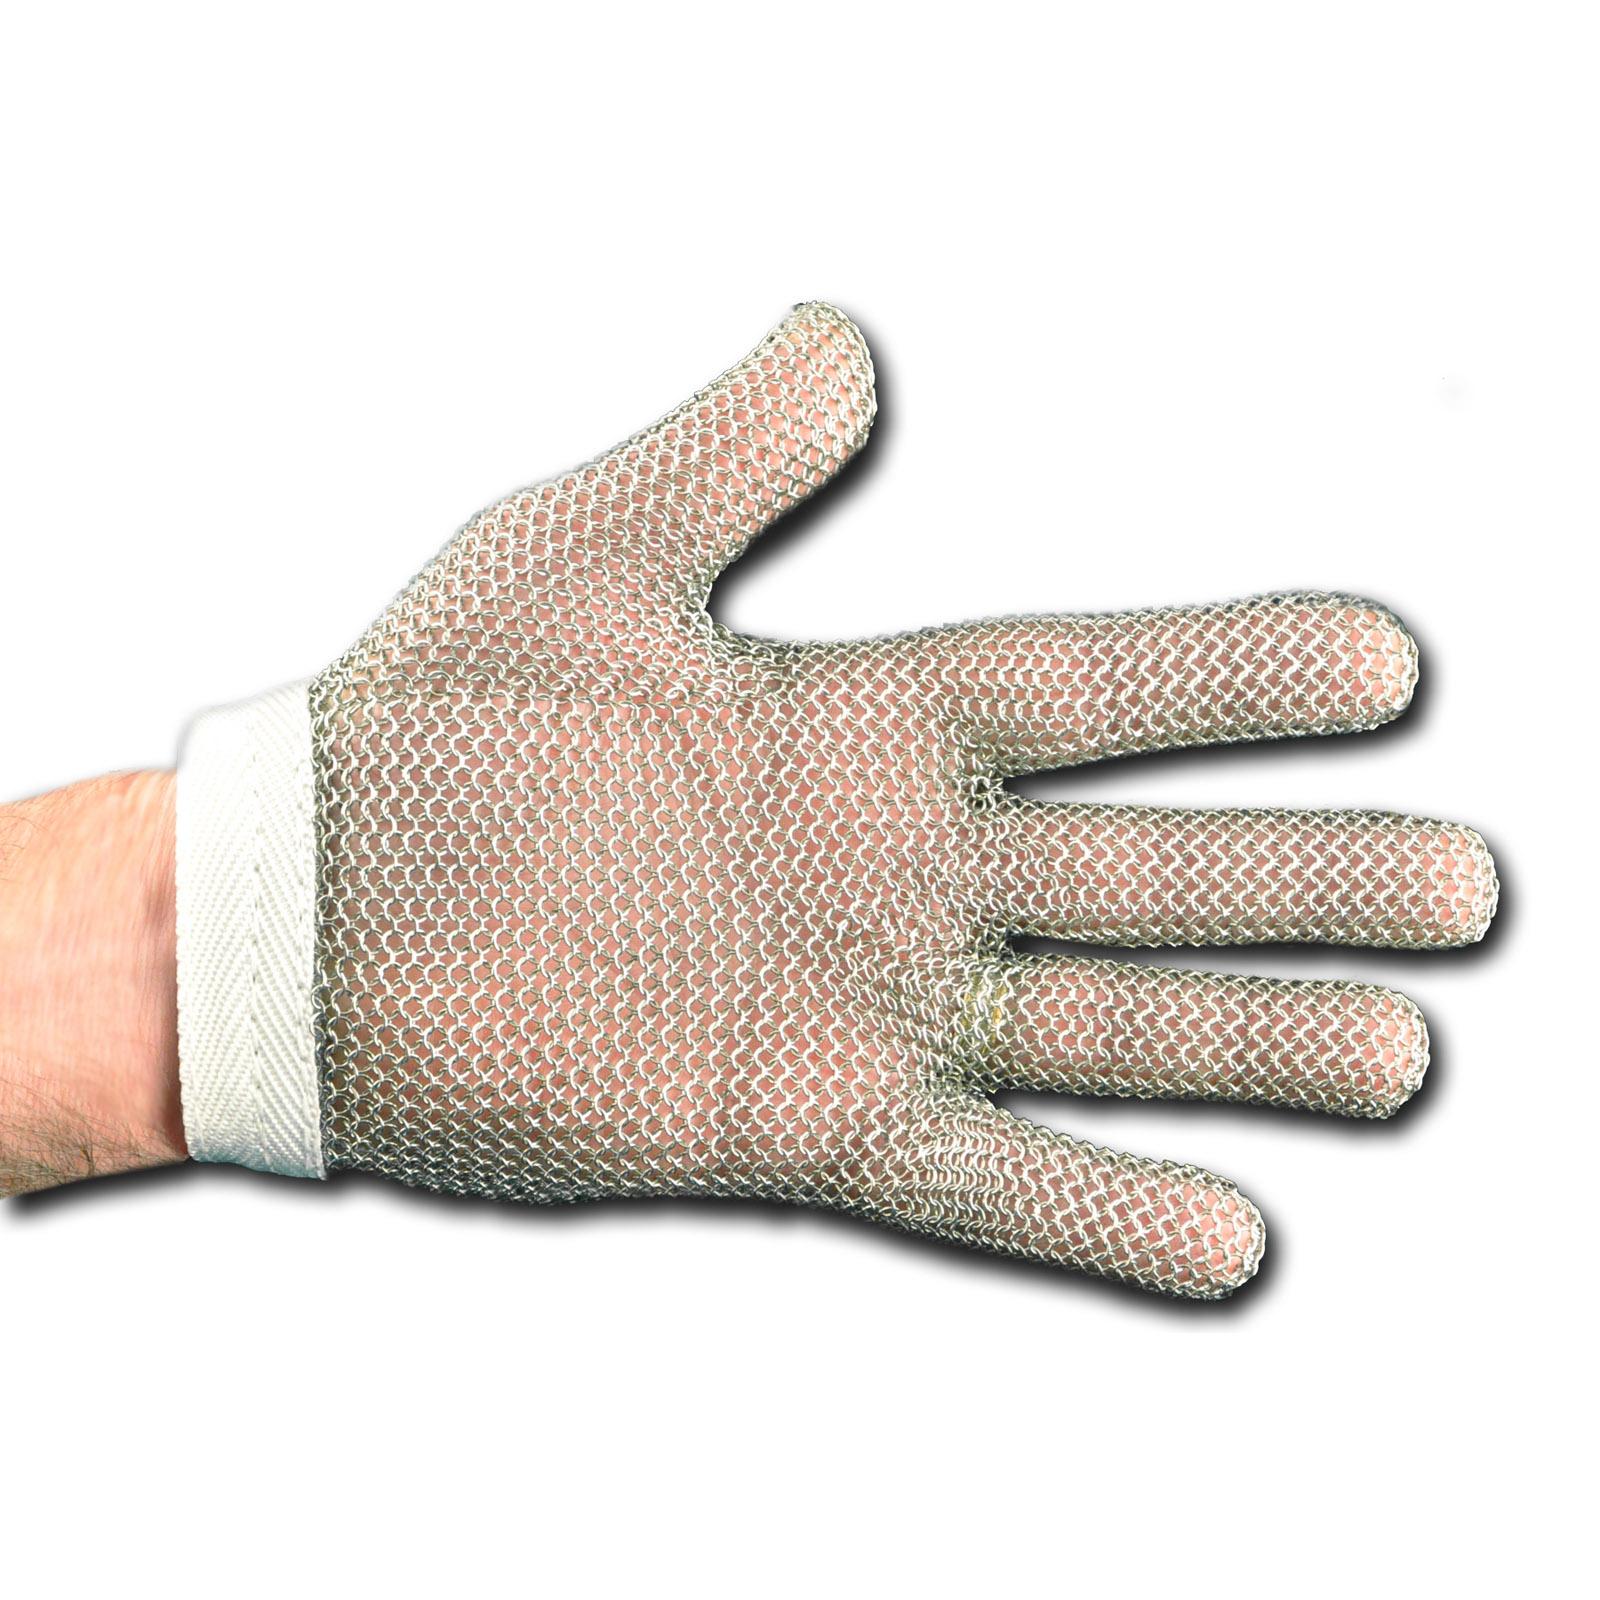 Dexter Russell SSG2-S glove, cut resistant